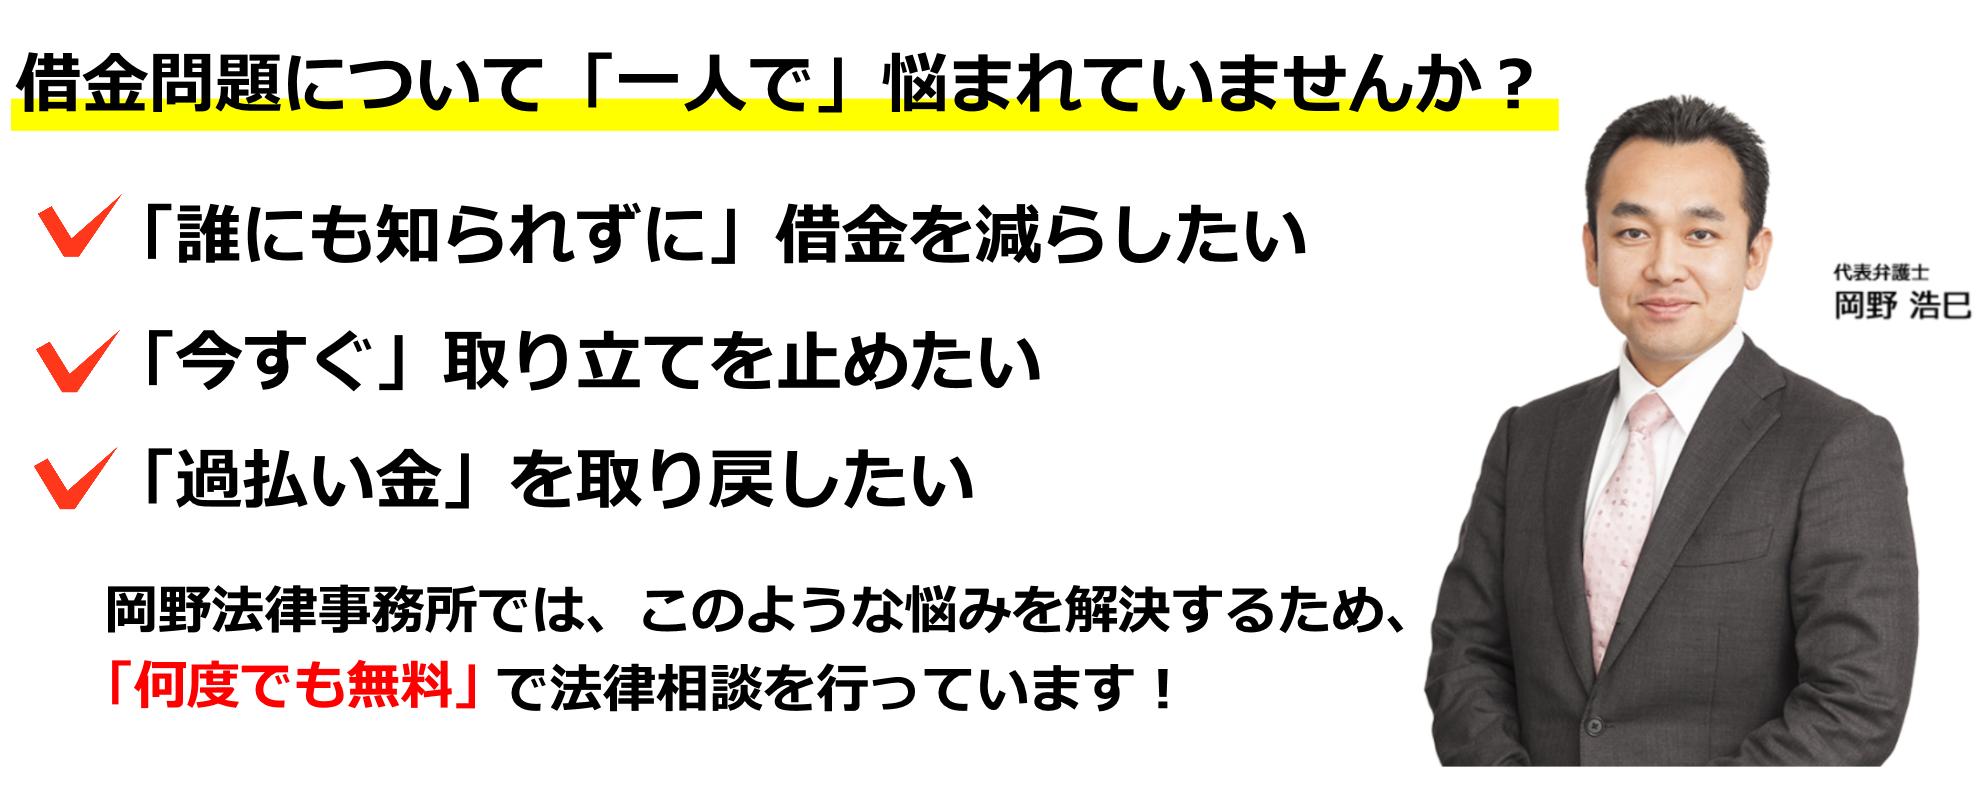 債務整理LP・PC版キャッチコピー